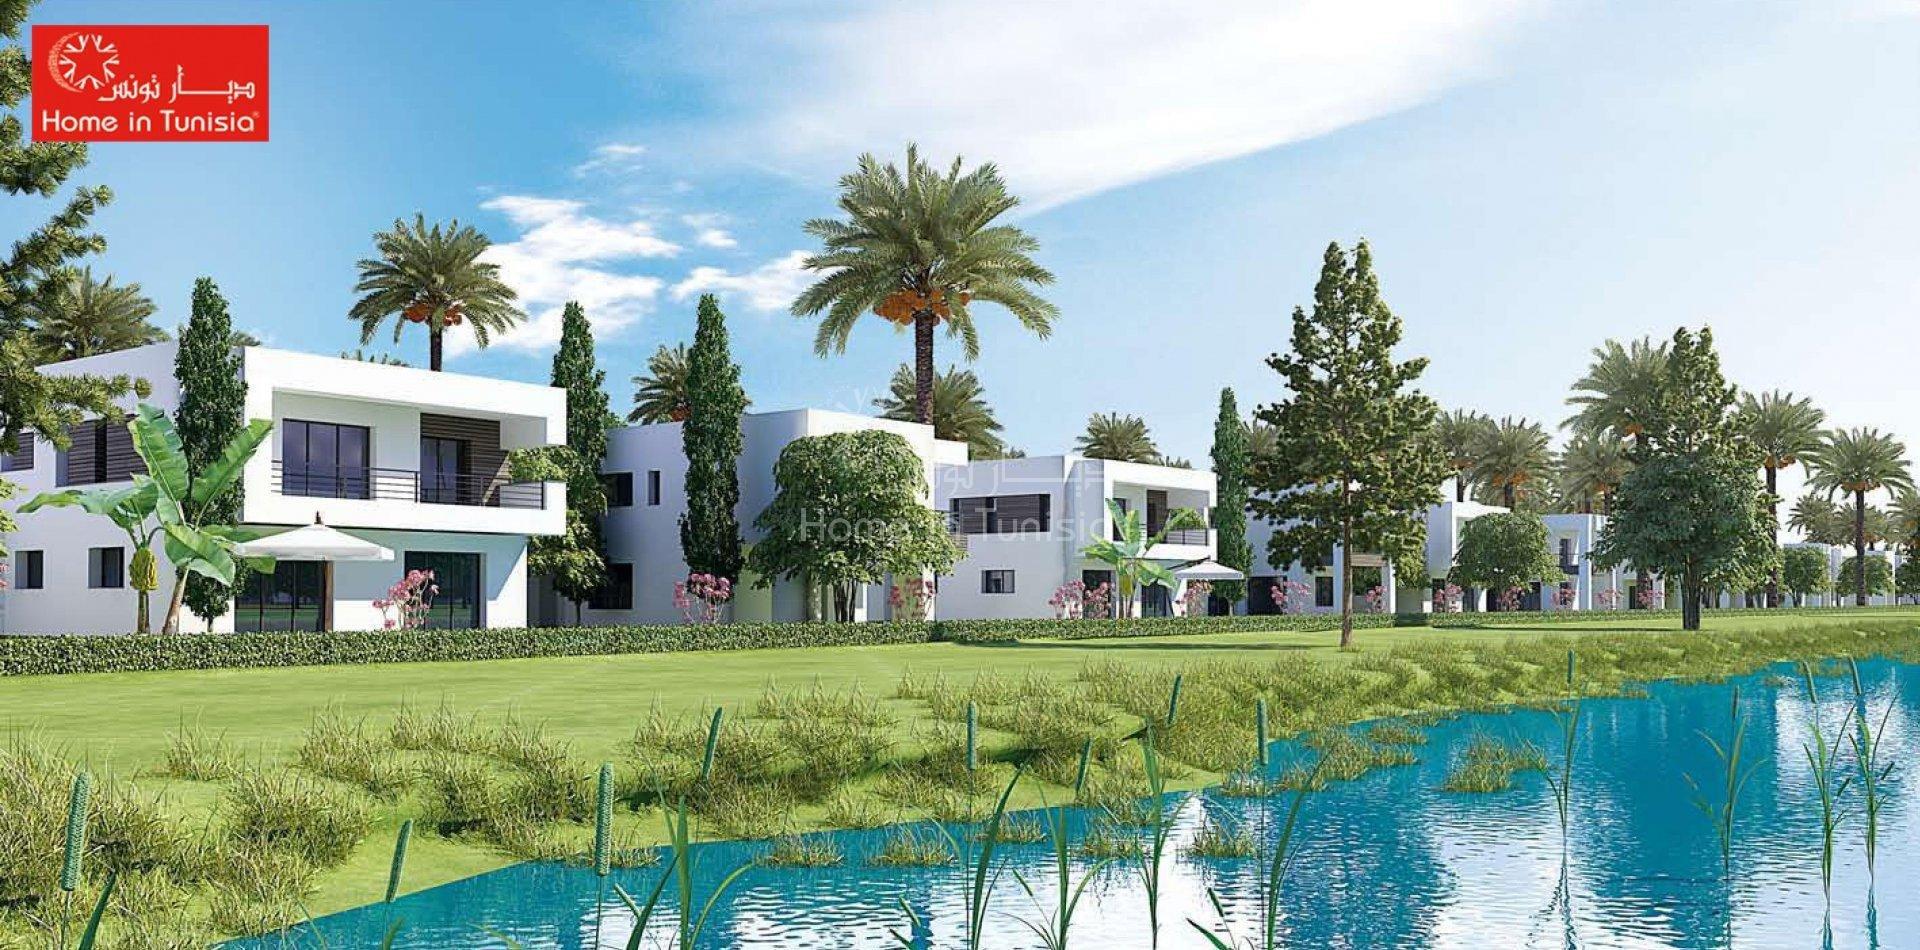 Neue Doppelhaushälfte Golf 32306 M2 Mit Pool 4 Garten Terrasse